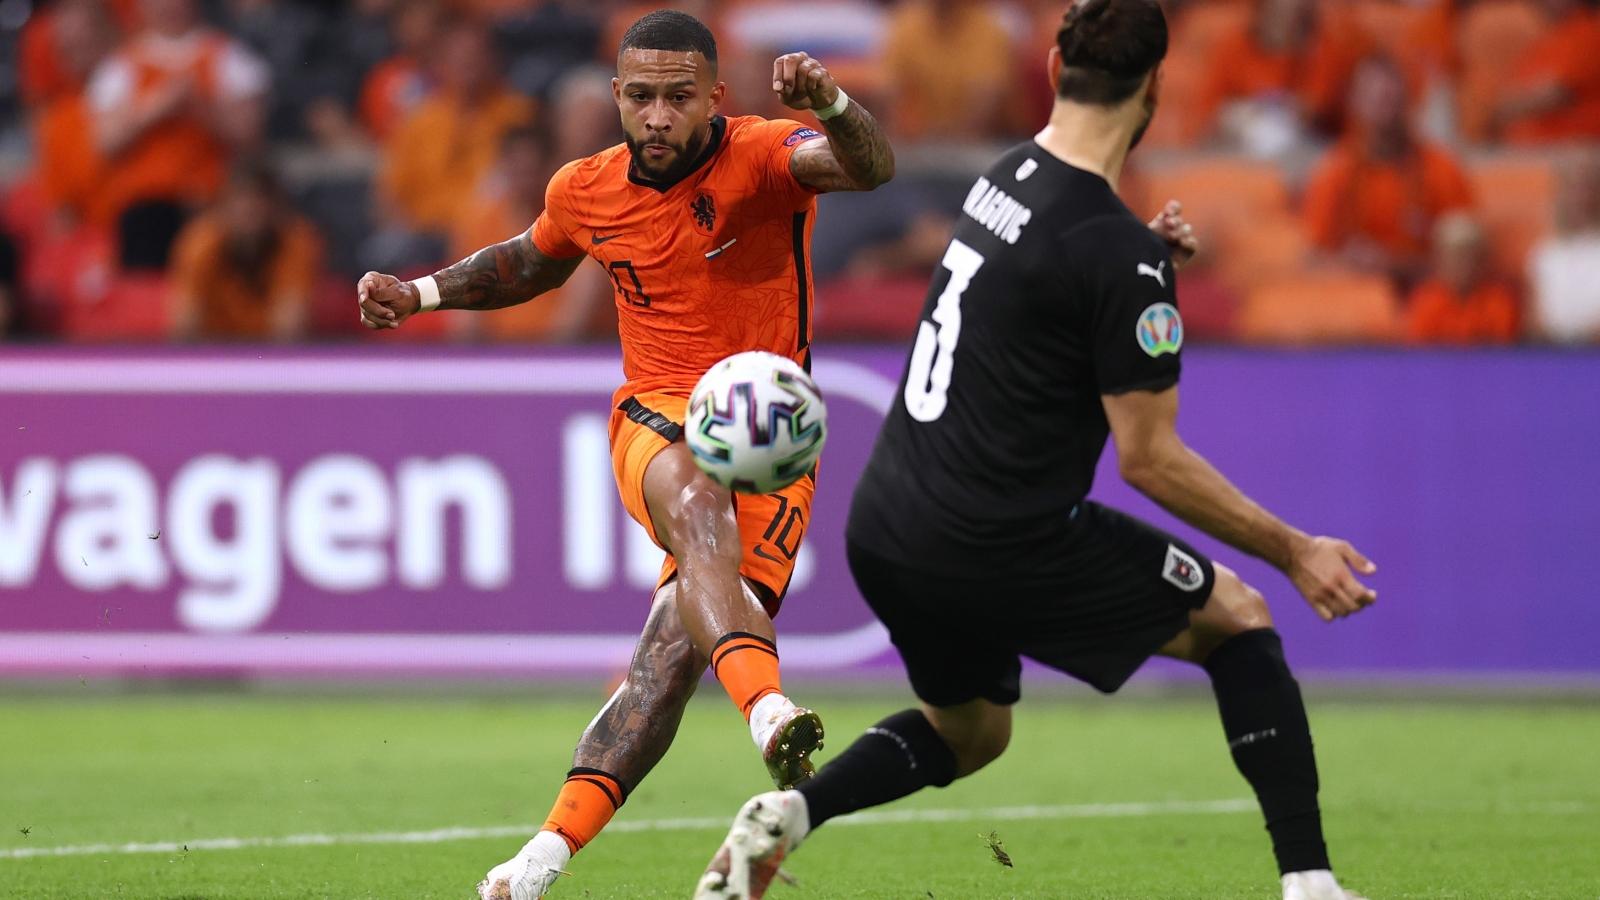 TRỰC TIẾP Hà Lan 1-0 Áo: Hiệp 2 bắt đầu